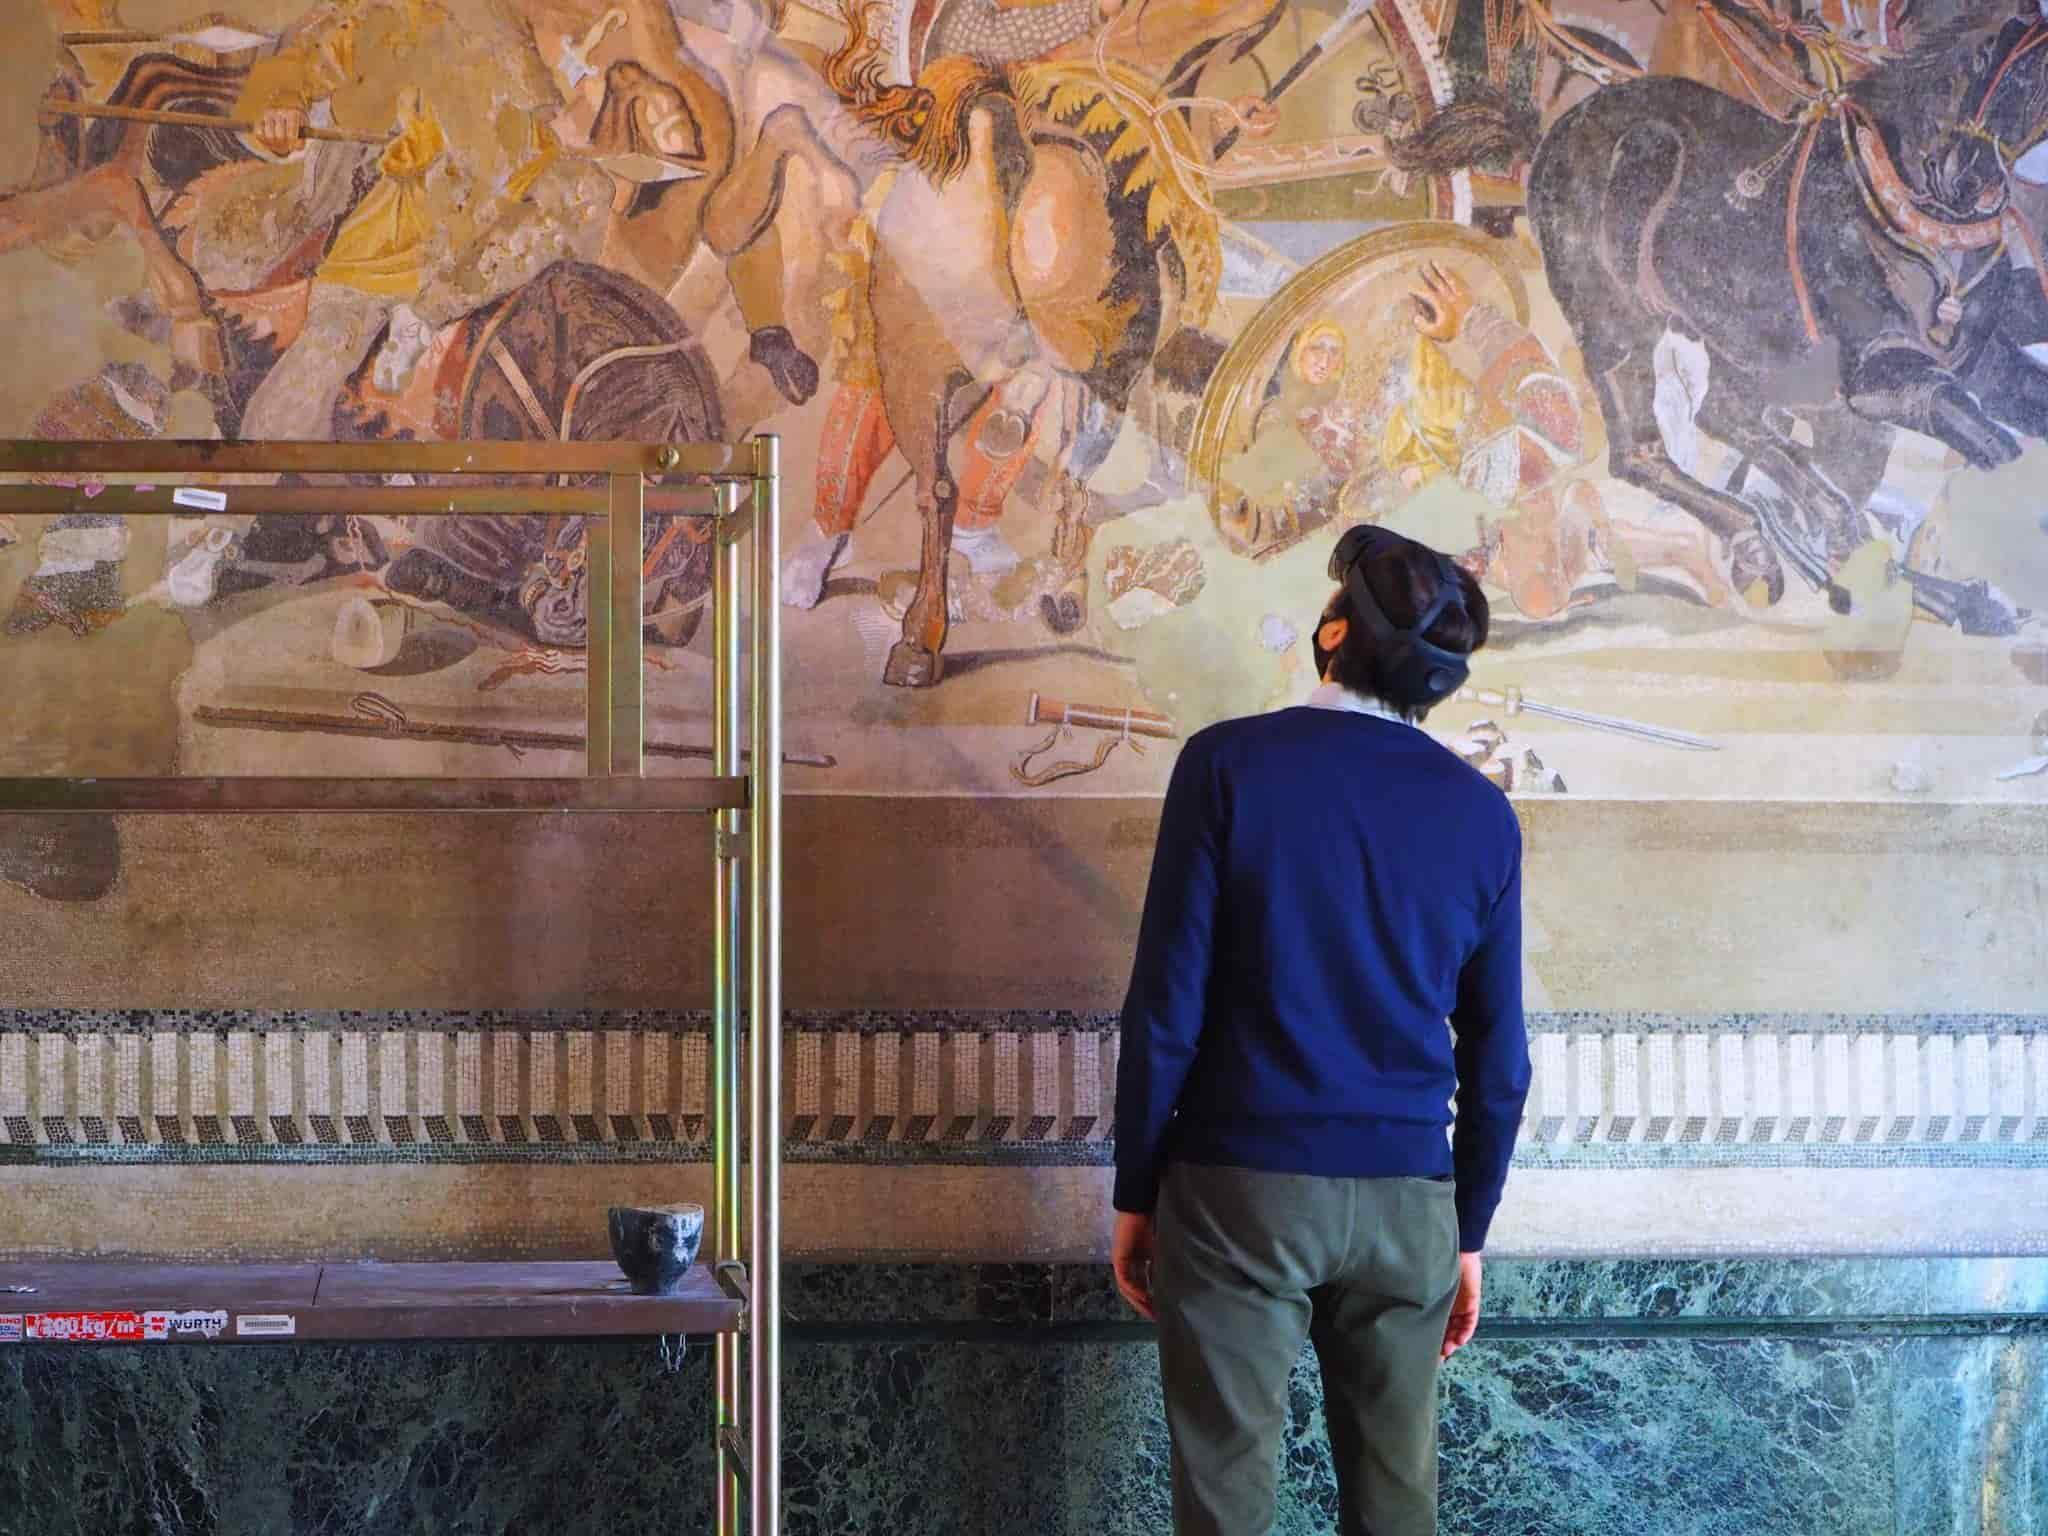 informare-il-restauro-del-gran-mosaico-2